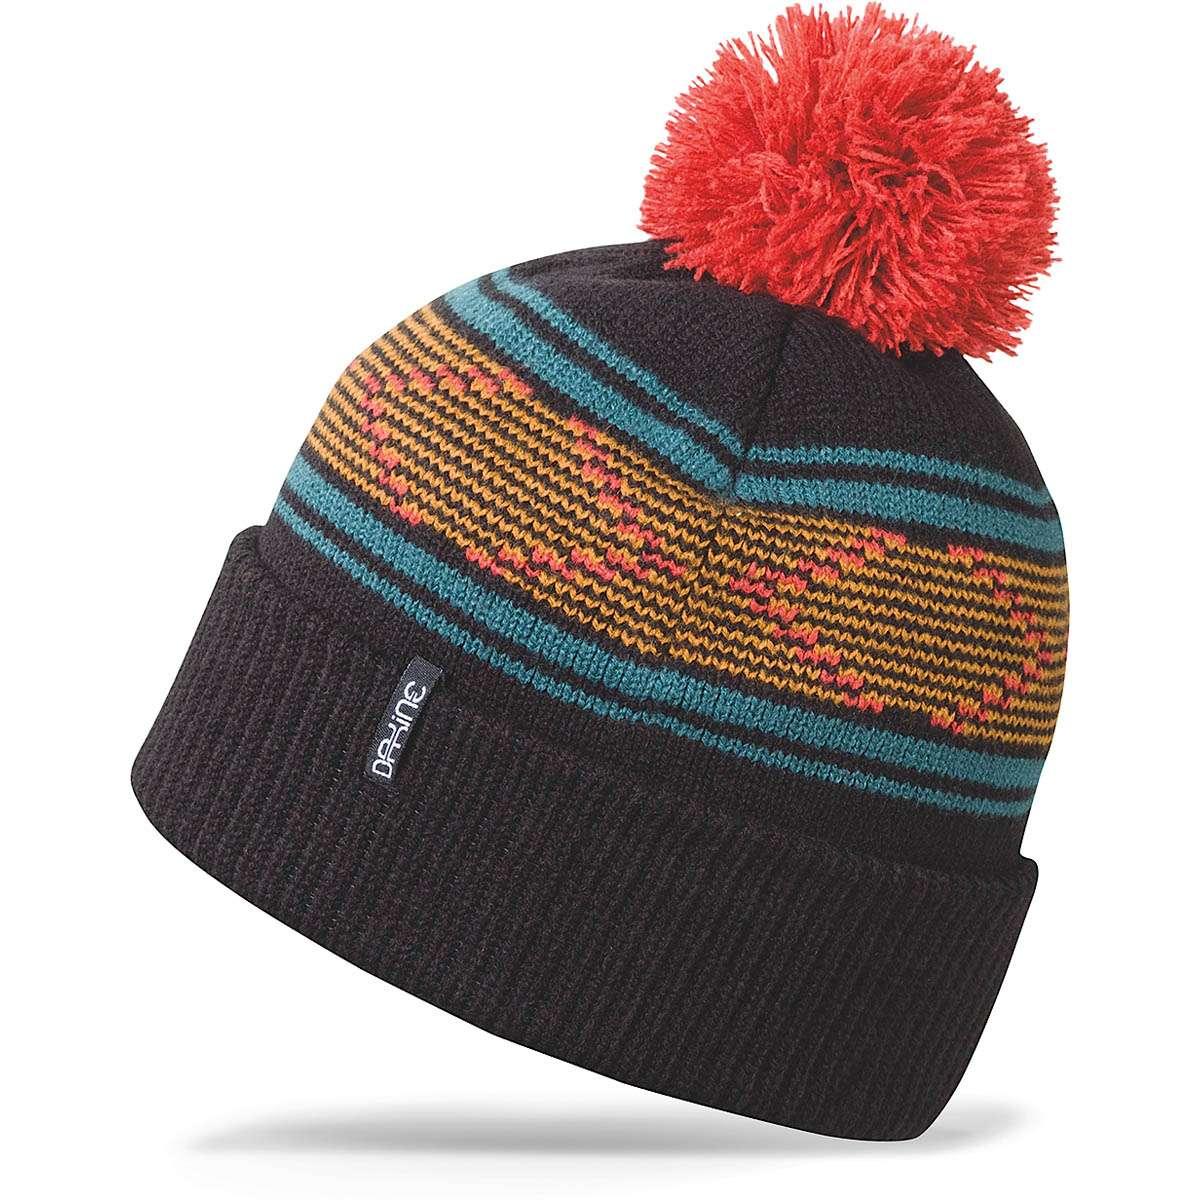 Dakine Rowe bobble el sombrero para damas Negro  f370b4d95b5